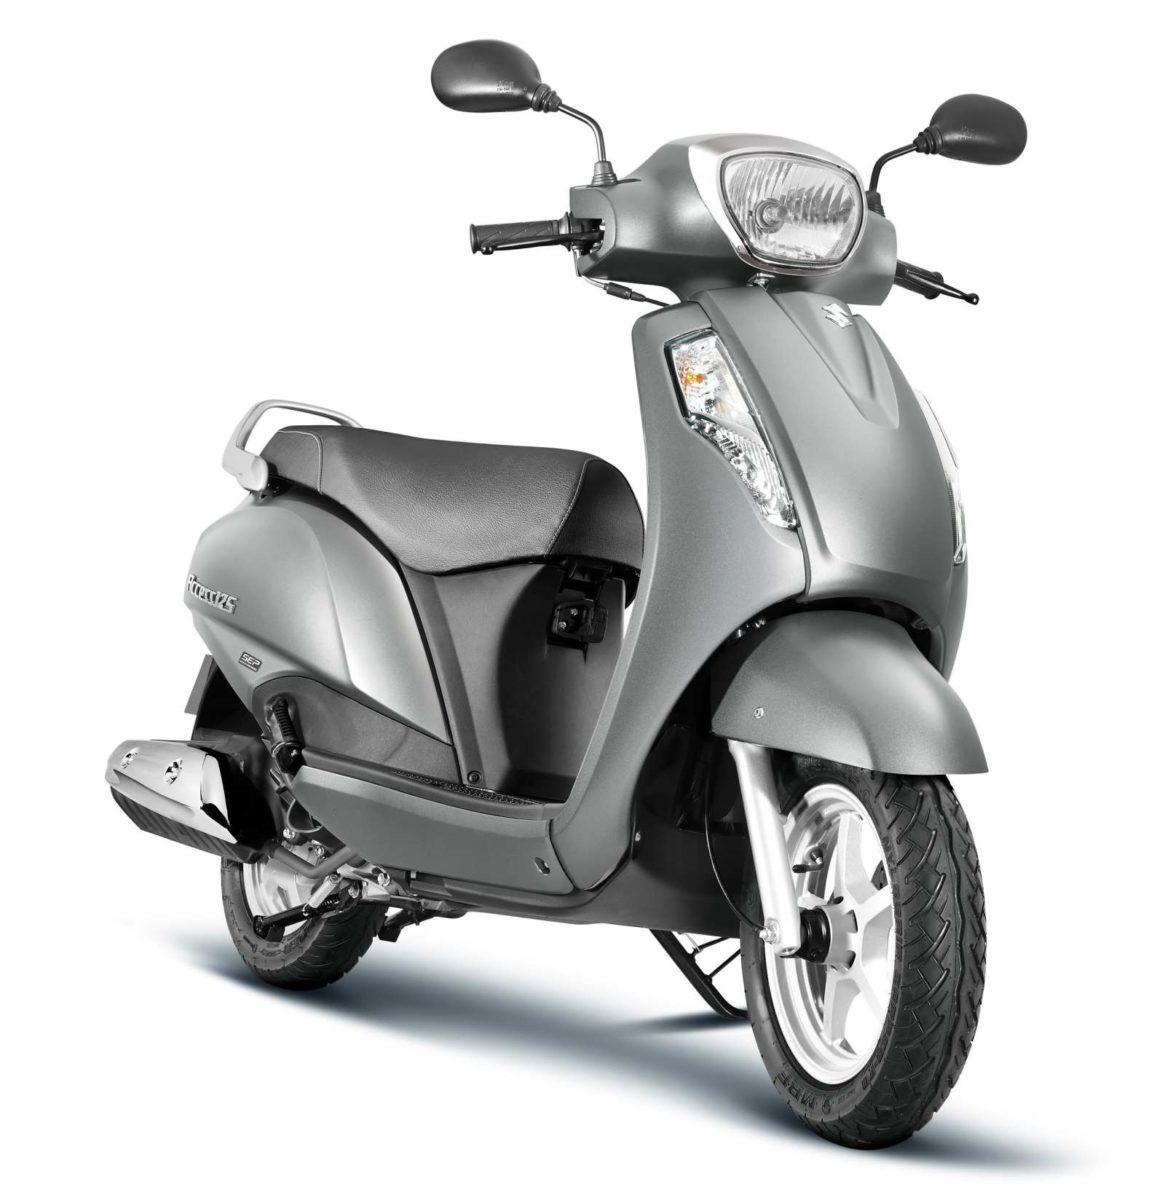 Suzuki Access125_CBS_Metallic Fibroin Gray